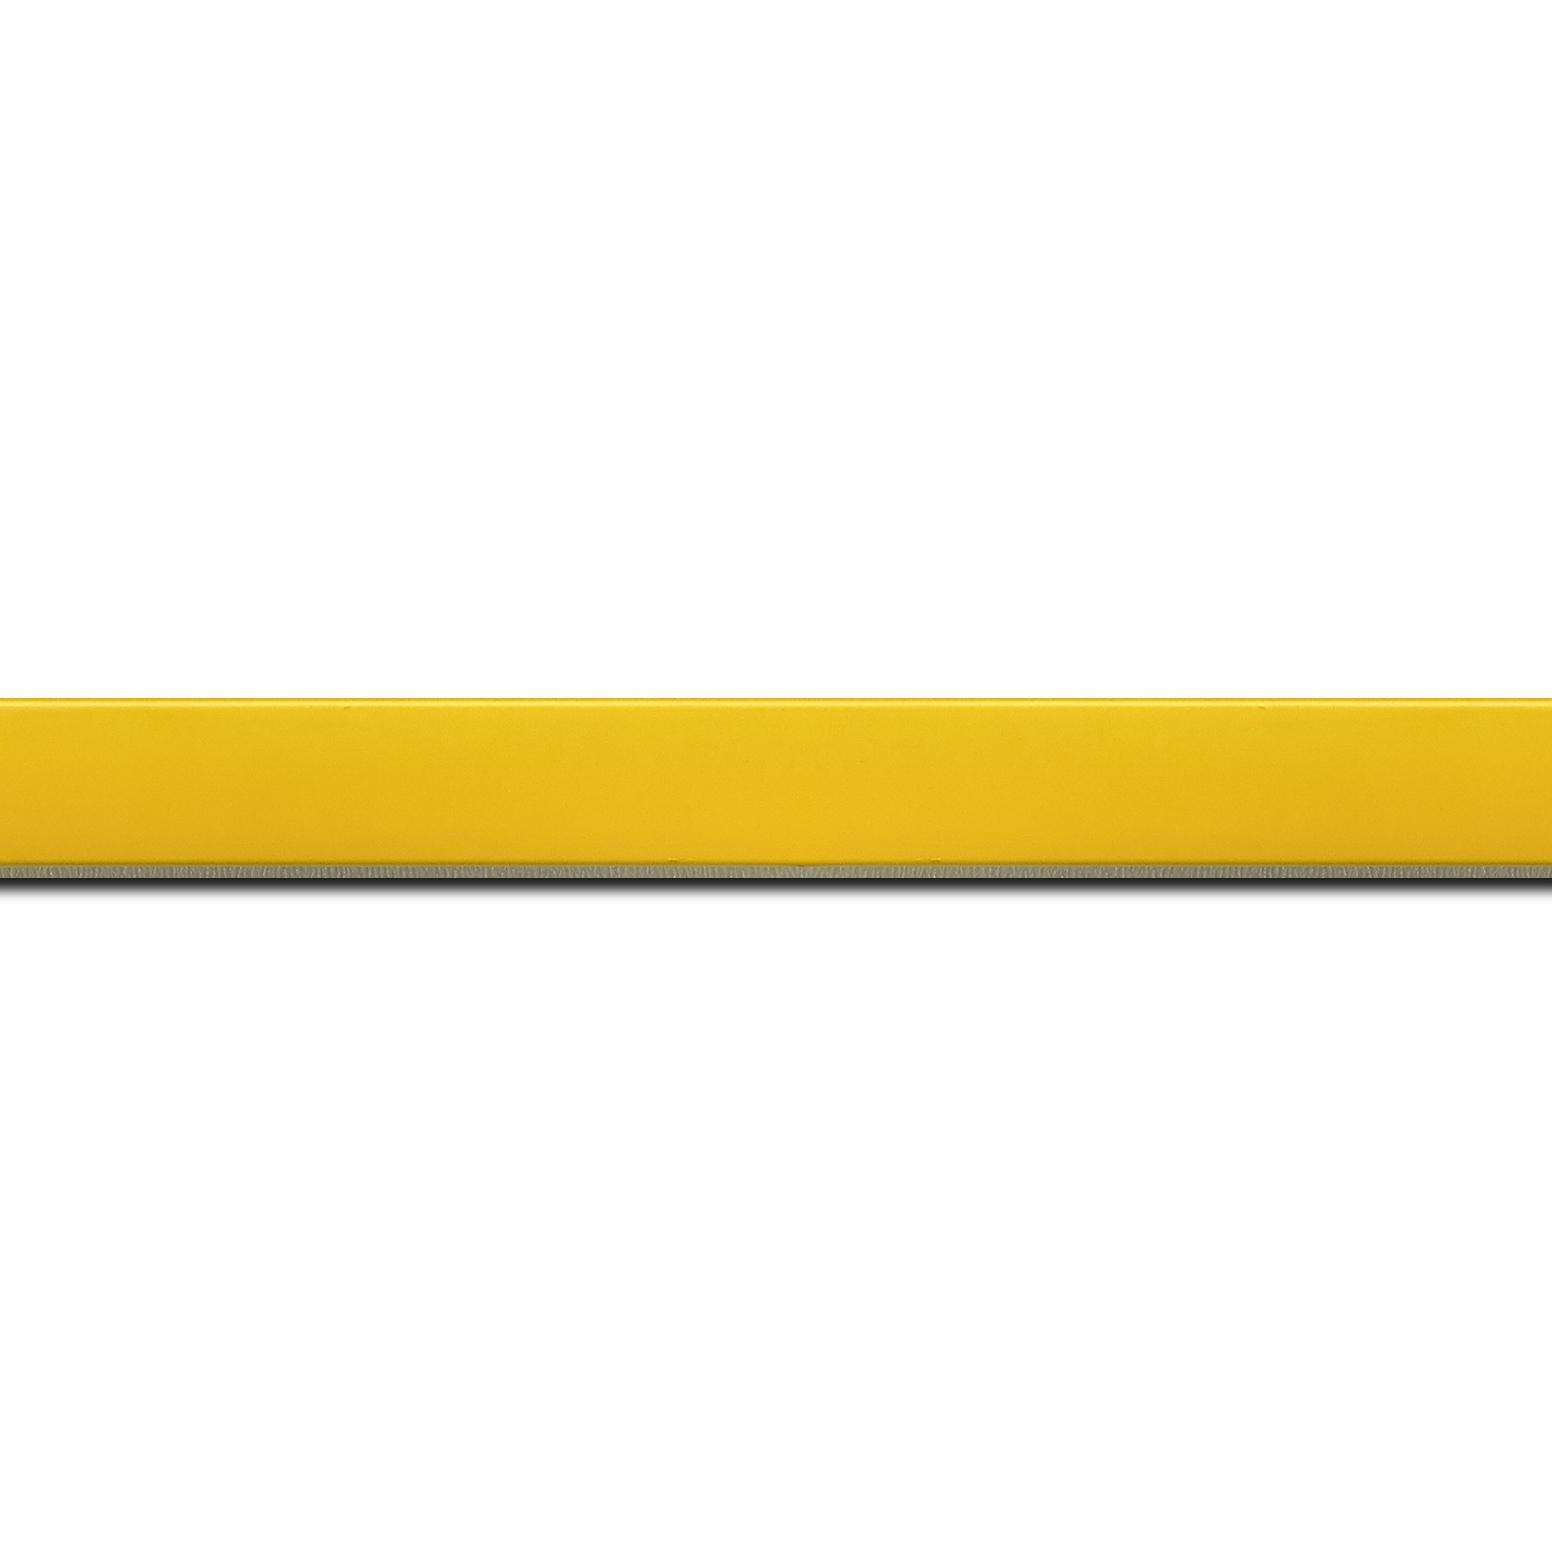 Pack par 12m, bois profil plat effet cube largeur 1.7cm couleur jaune tonique satiné (longueur baguette pouvant varier entre 2.40m et 3m selon arrivage des bois)